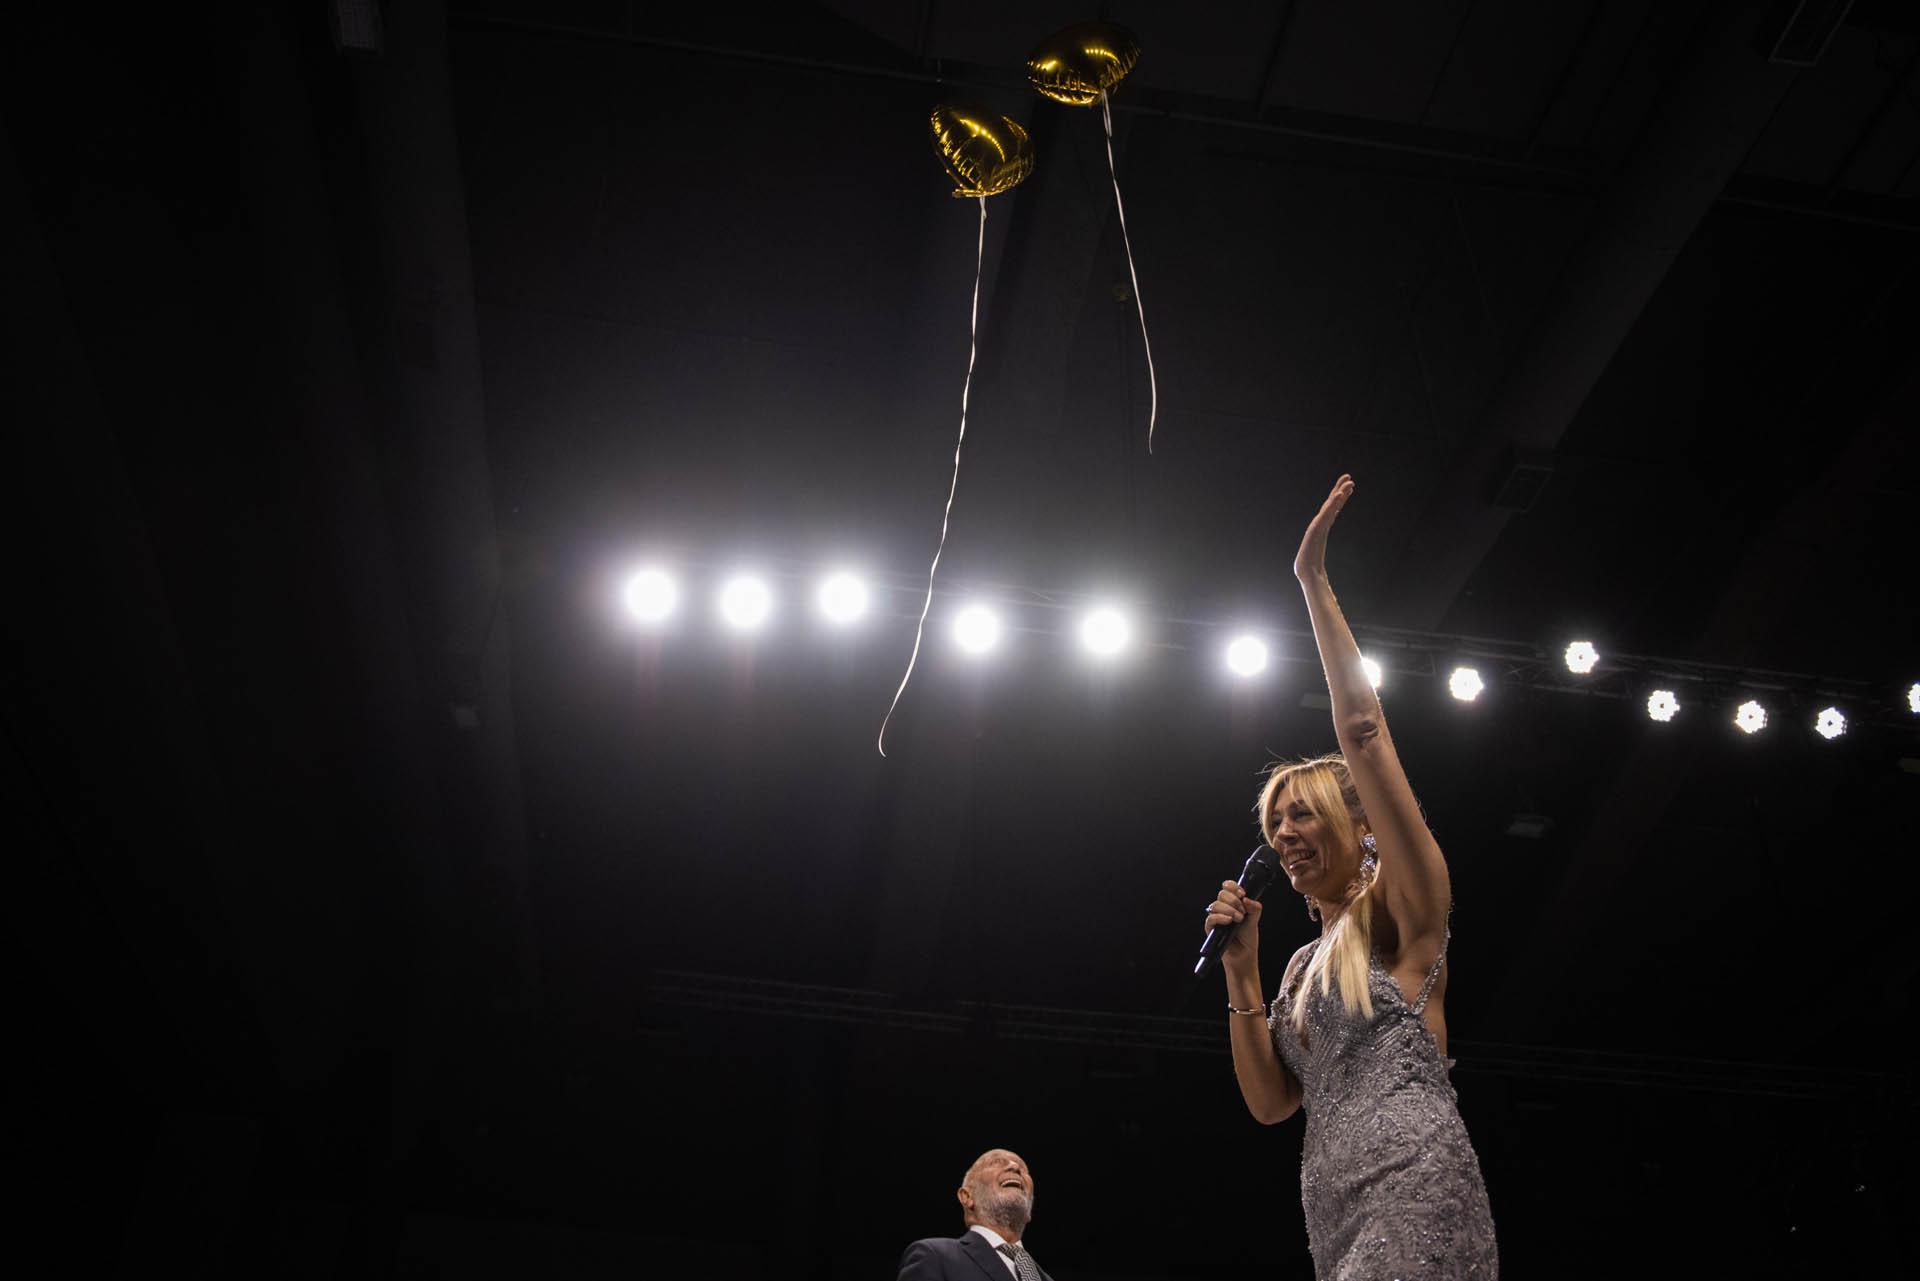 Emocionada, Yelin, pidió unos minutos para la suelta de globos en agradecimiento y celebración por estos 50 años